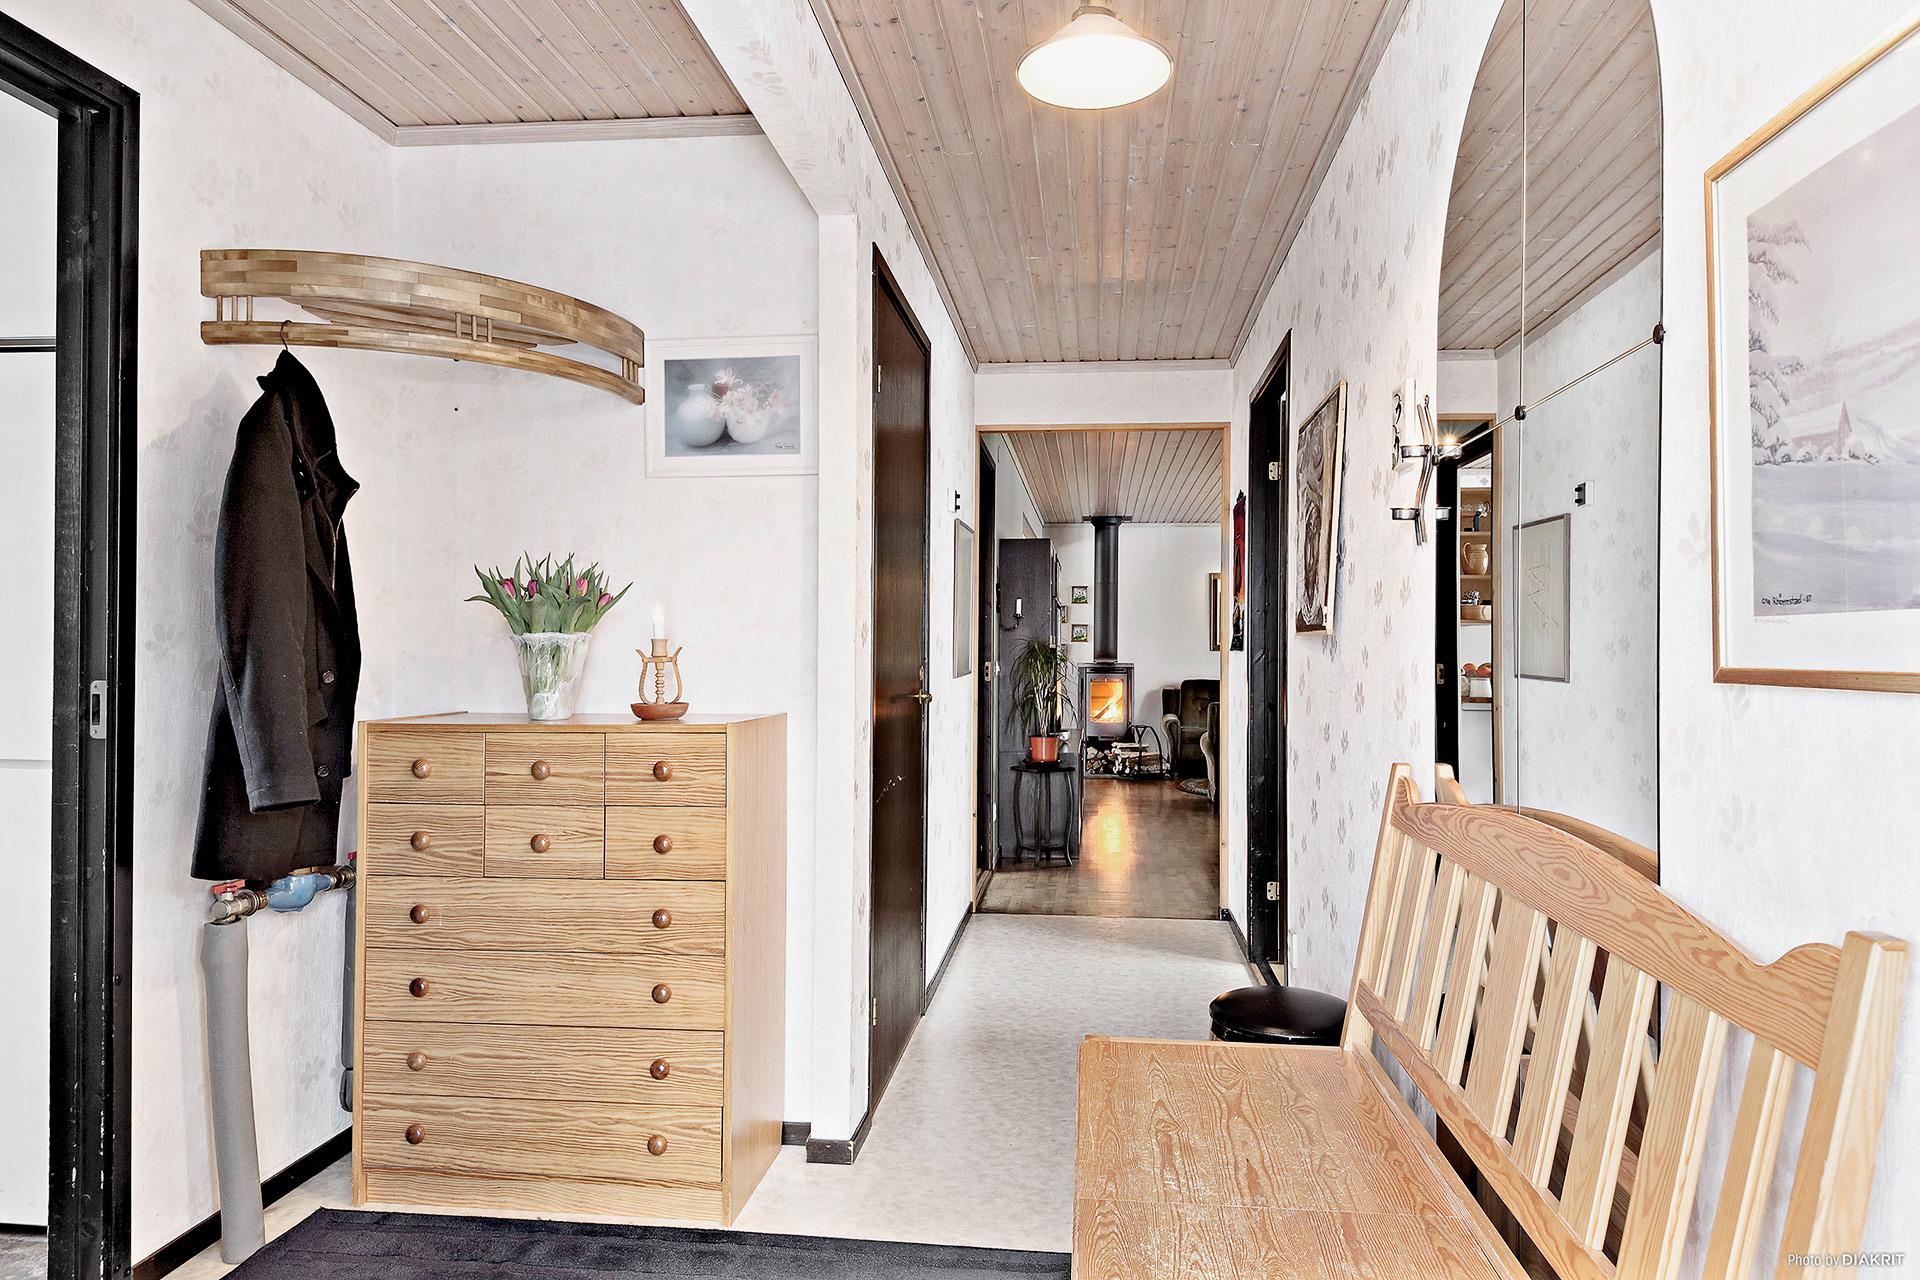 Hall med vy in mot vardagsrum och skymt av tvättstuga till vänster